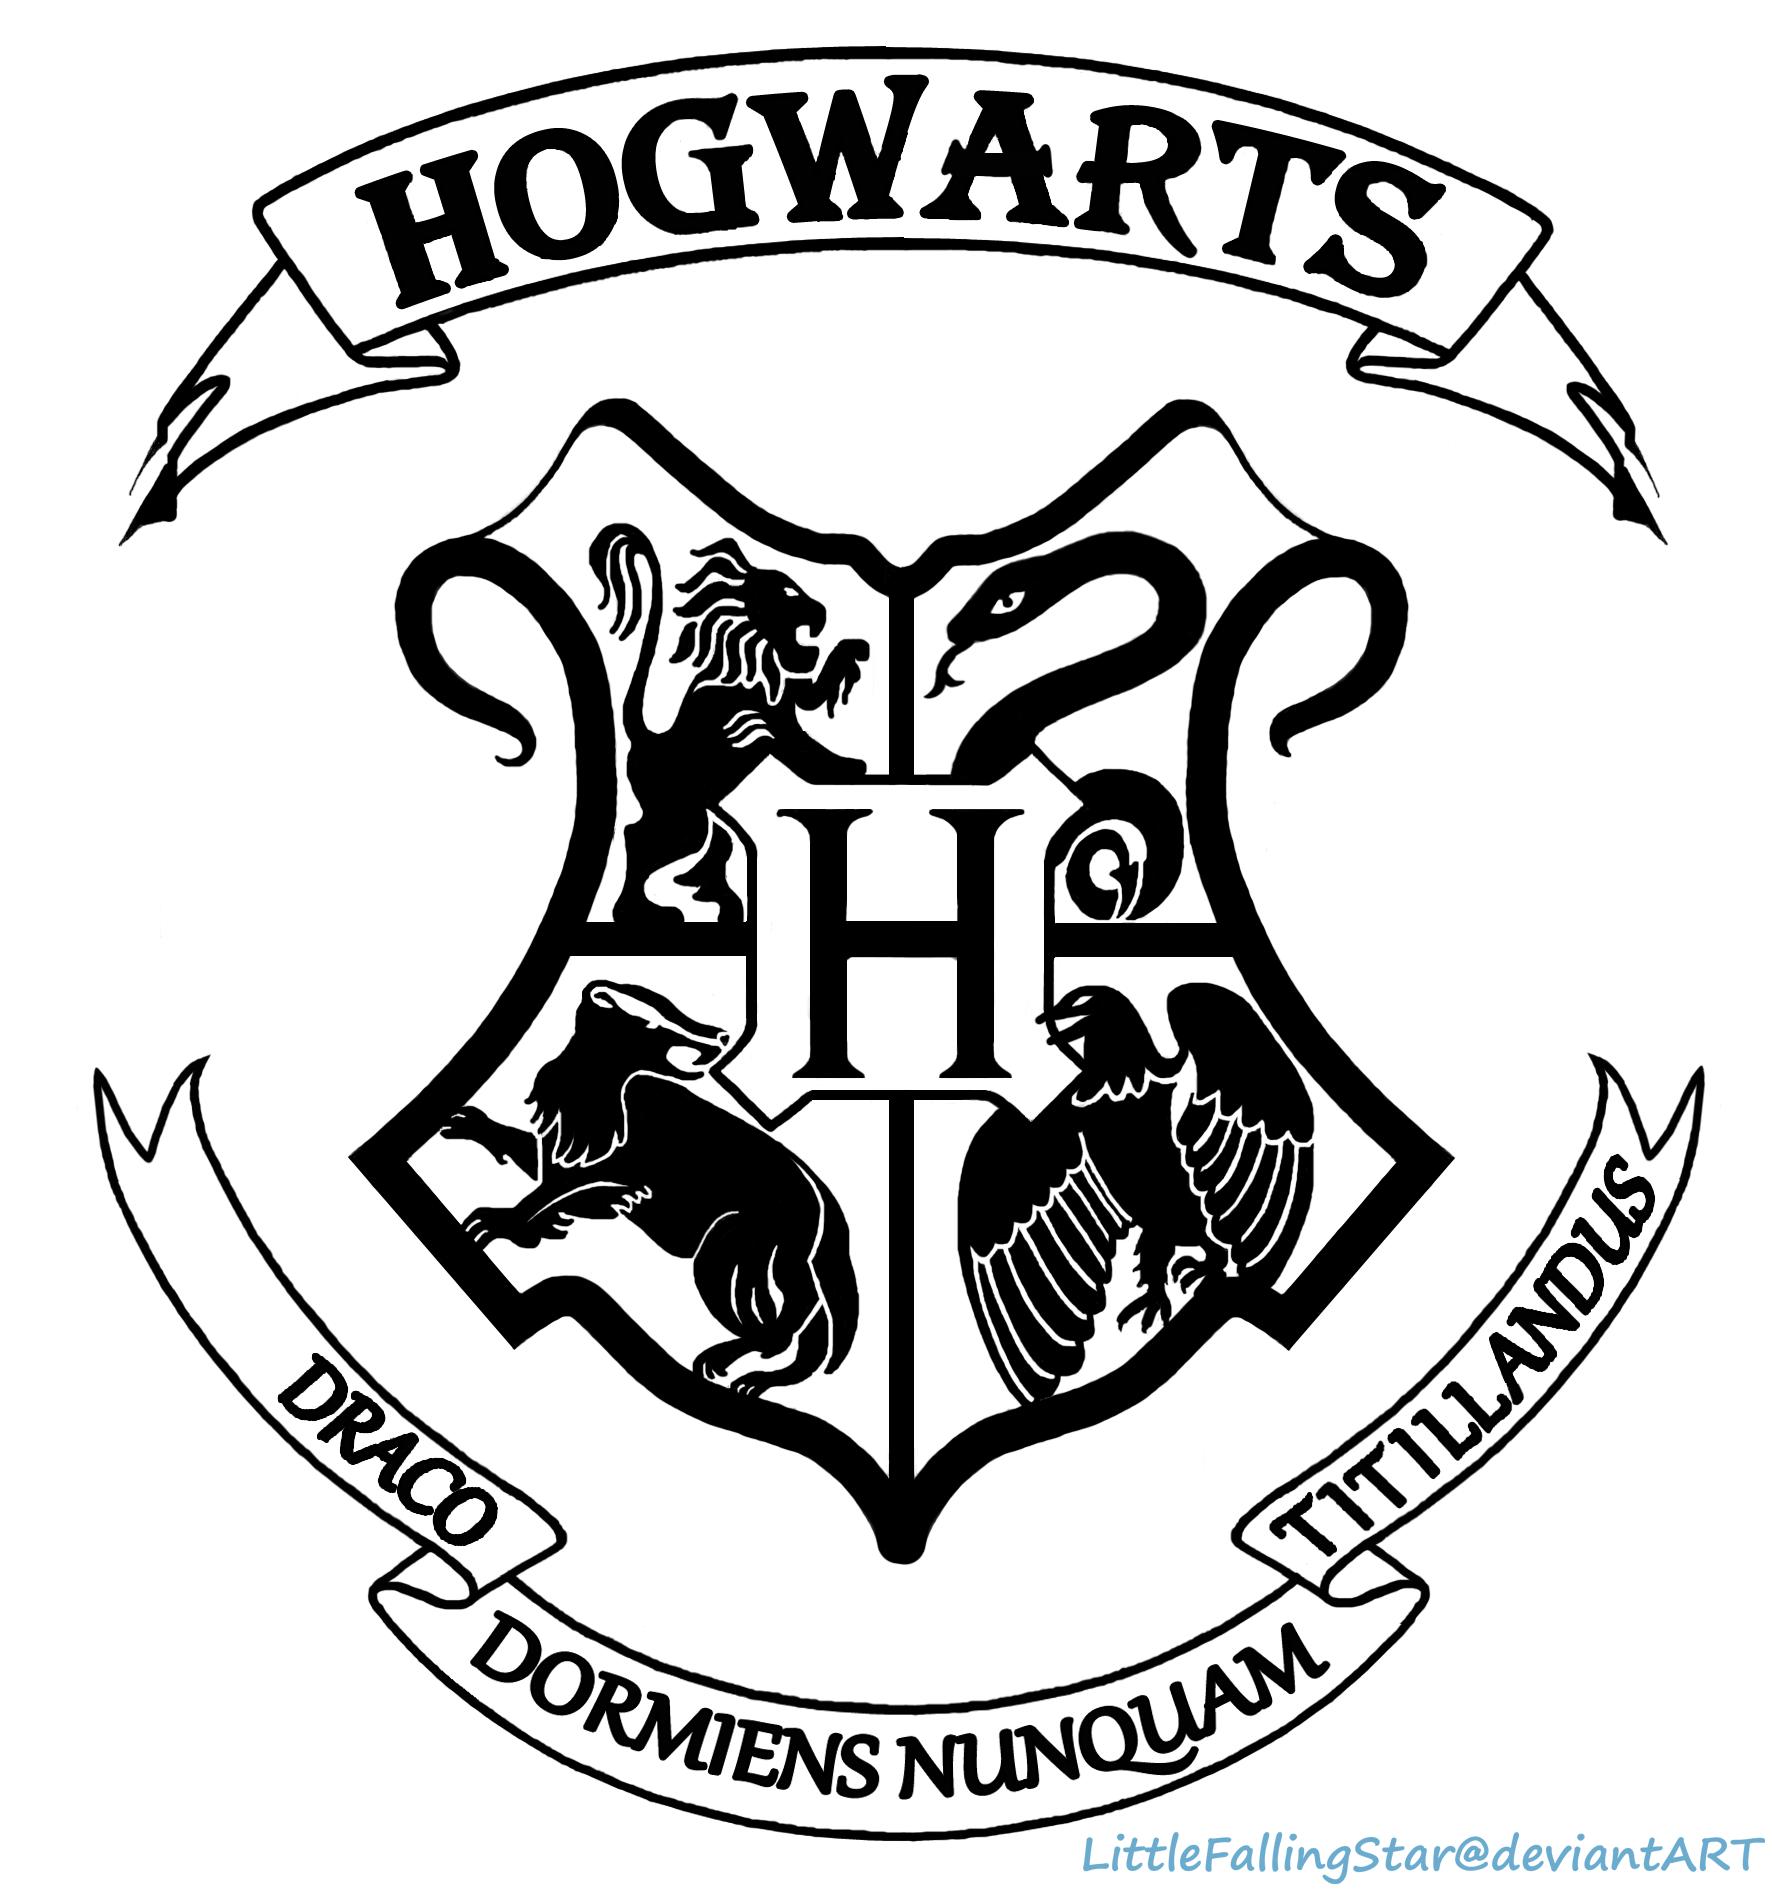 Image Result For Hogwarts Crest Harry Potter Stickers Harry Potter Logo Harry Potter Crest